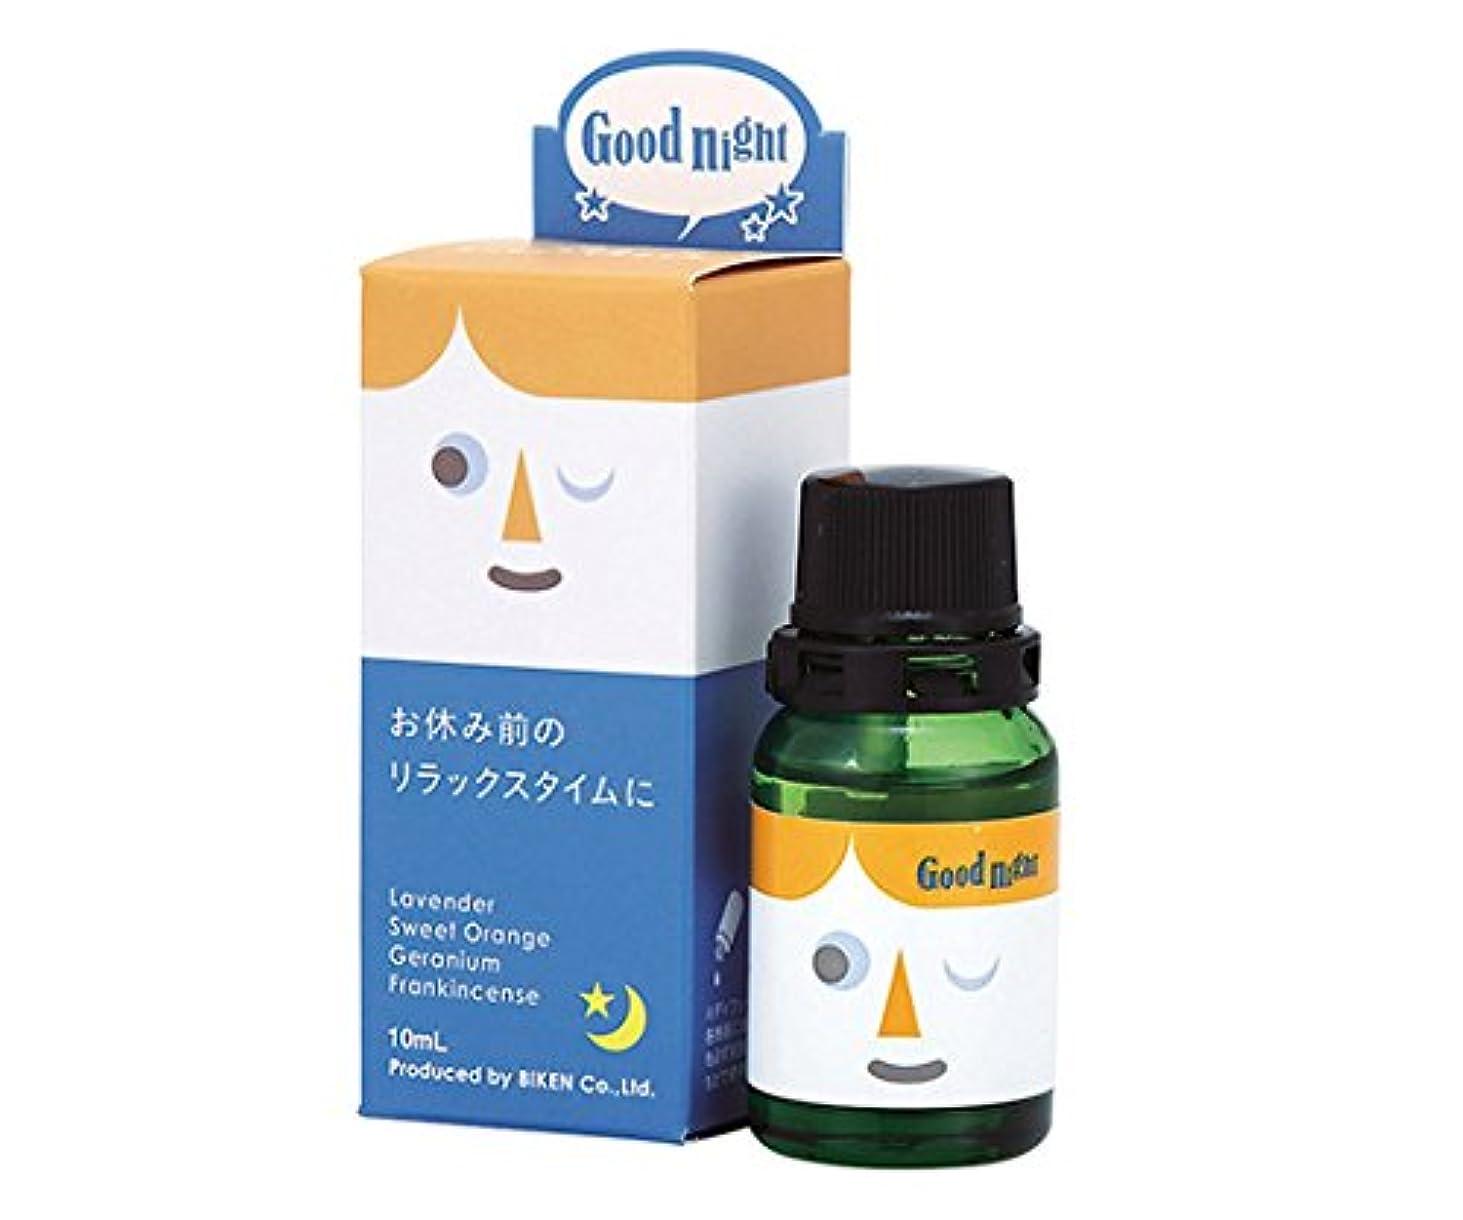 気晴らし国安全な美健8-3405-20水溶性エッセンシャルオイル(グッドナイト)